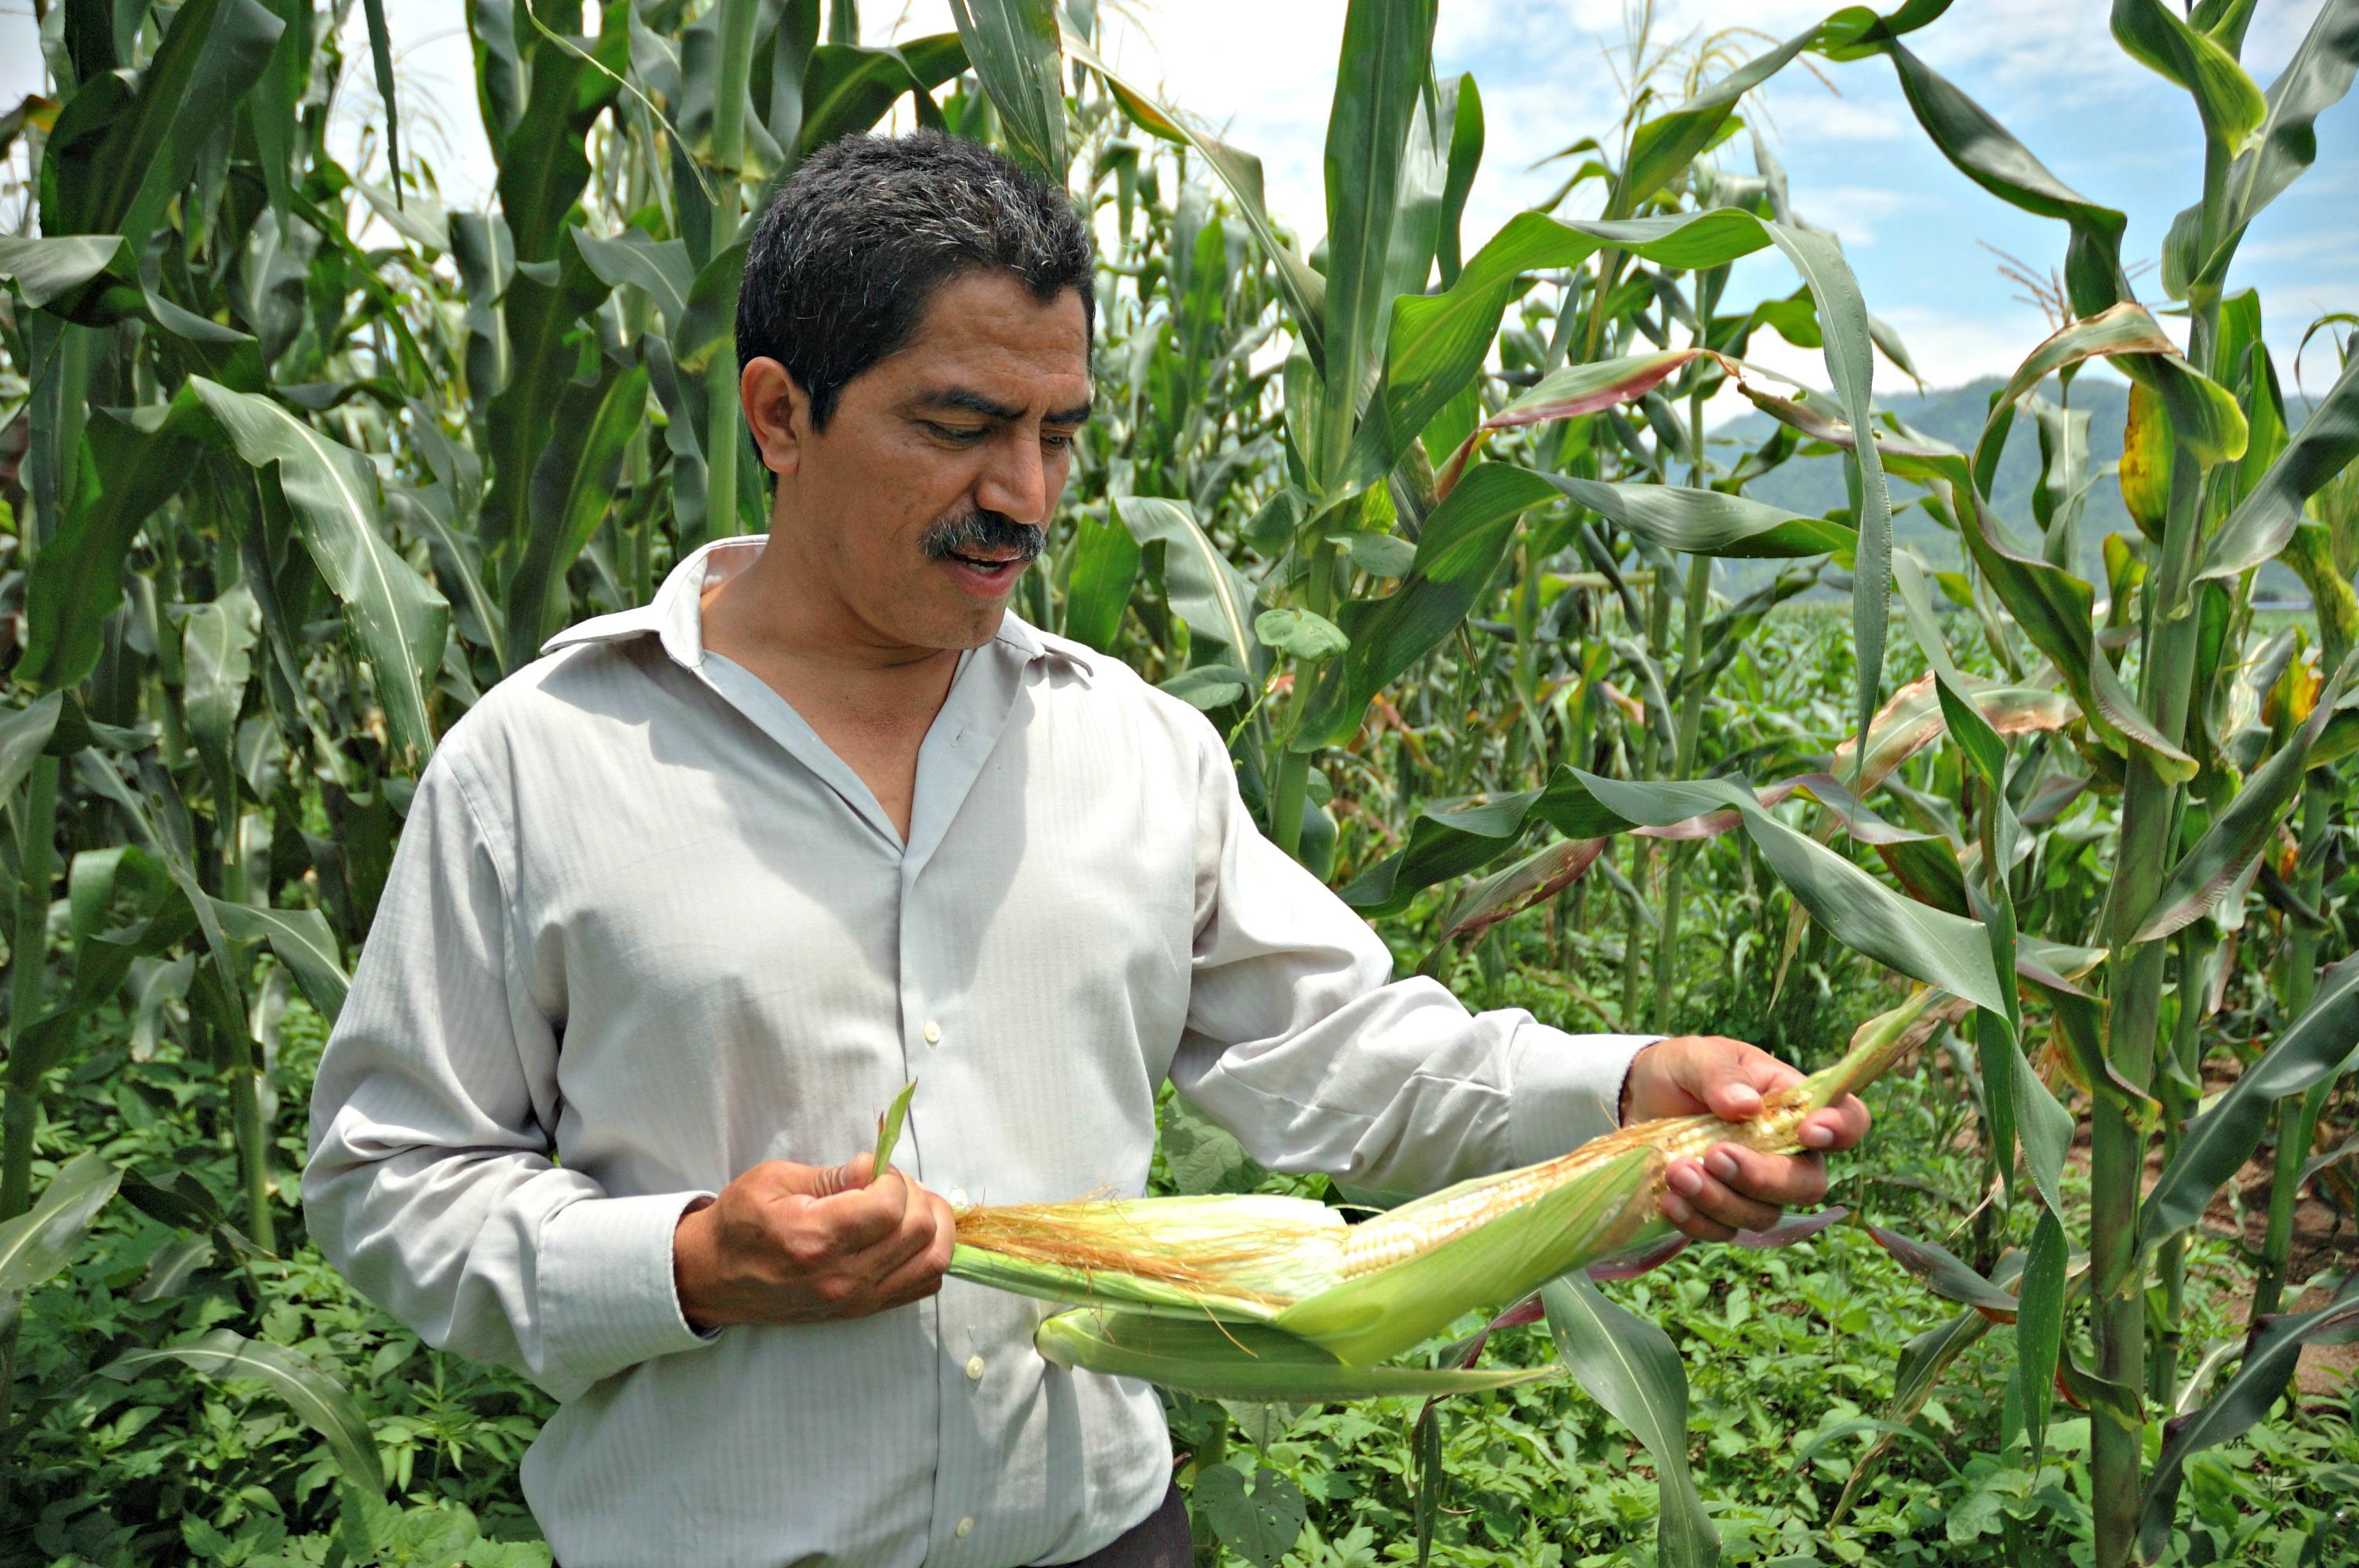 Productor con mazorca de maíz en la mano